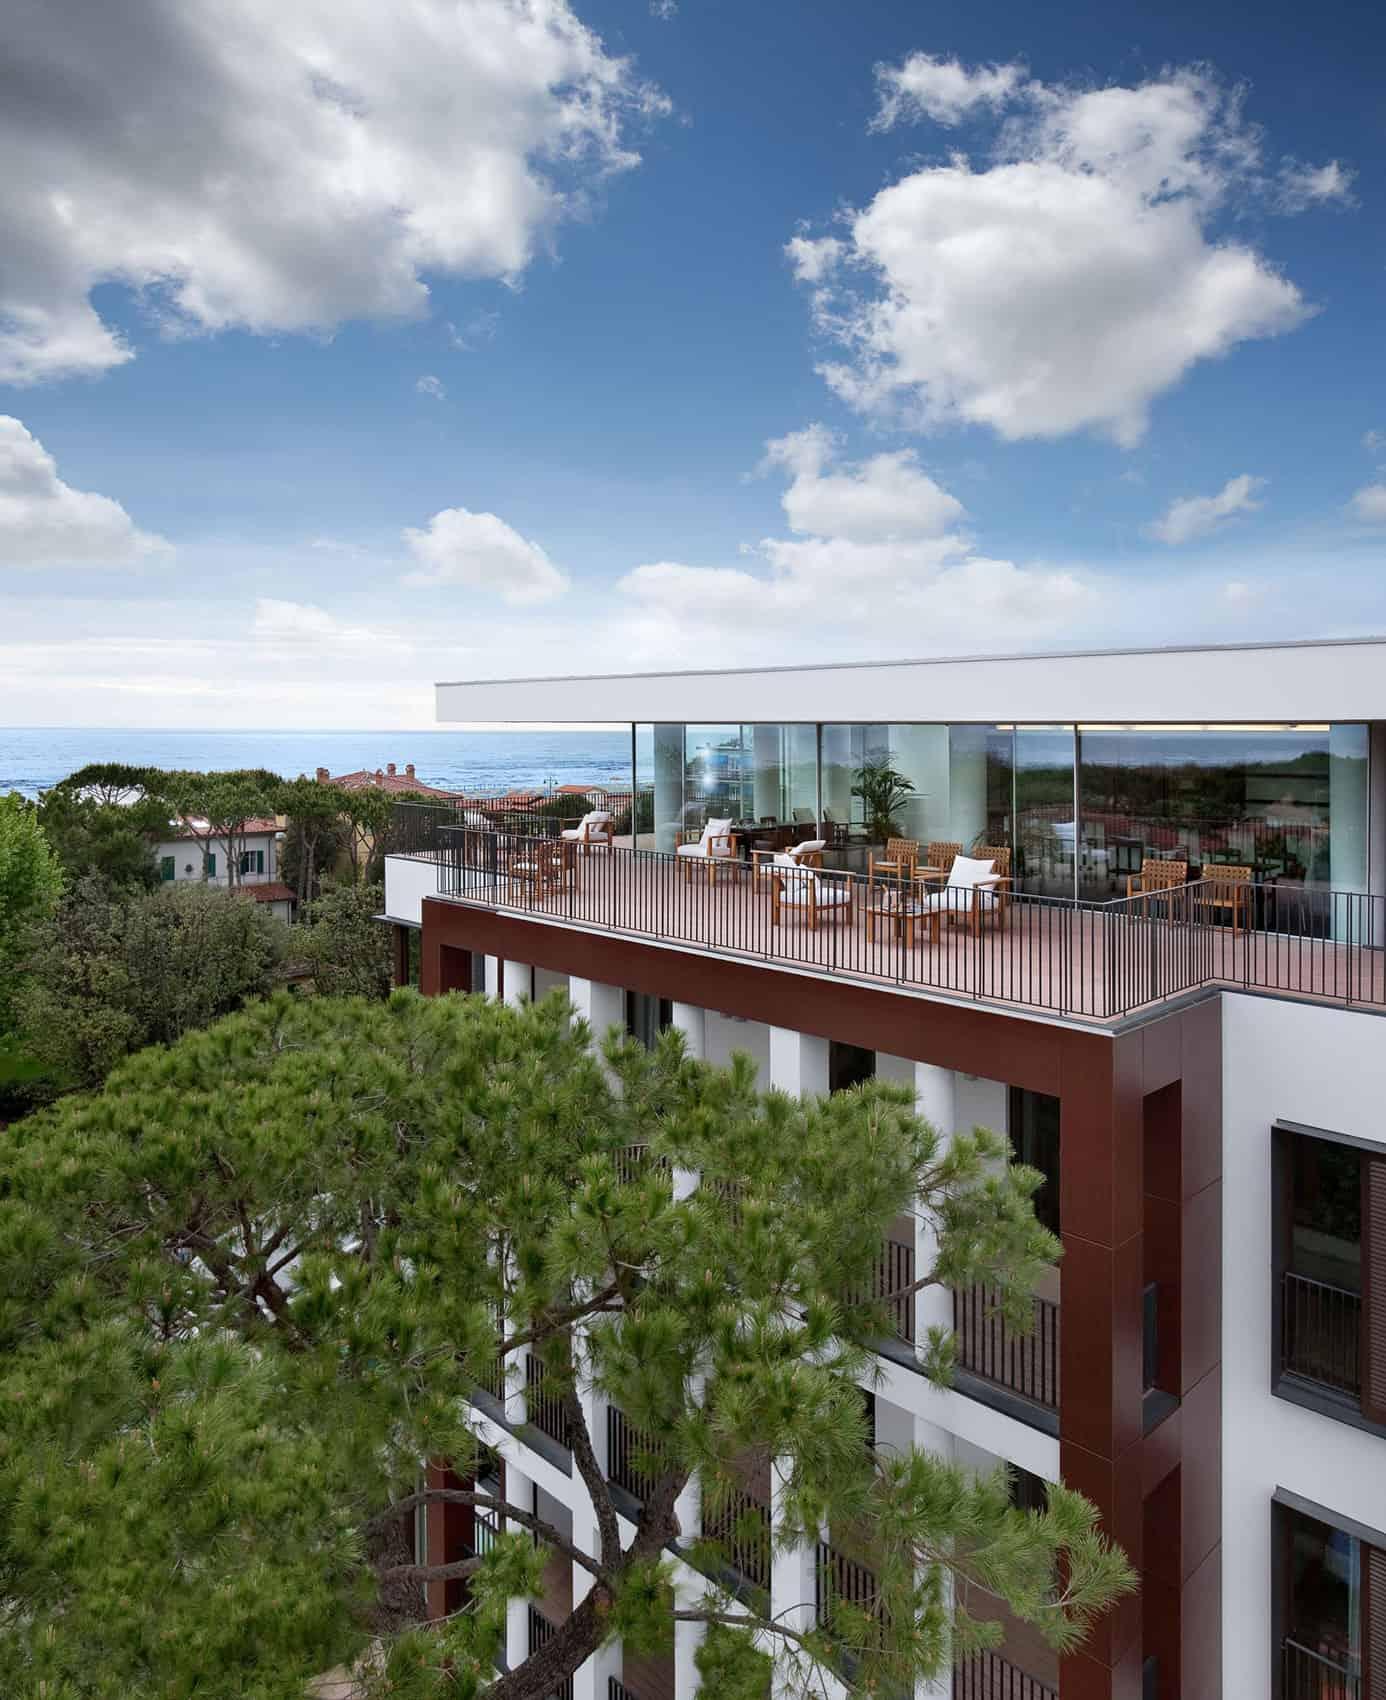 5 Star Hotel Principe Forte Dei Marmi (Video)